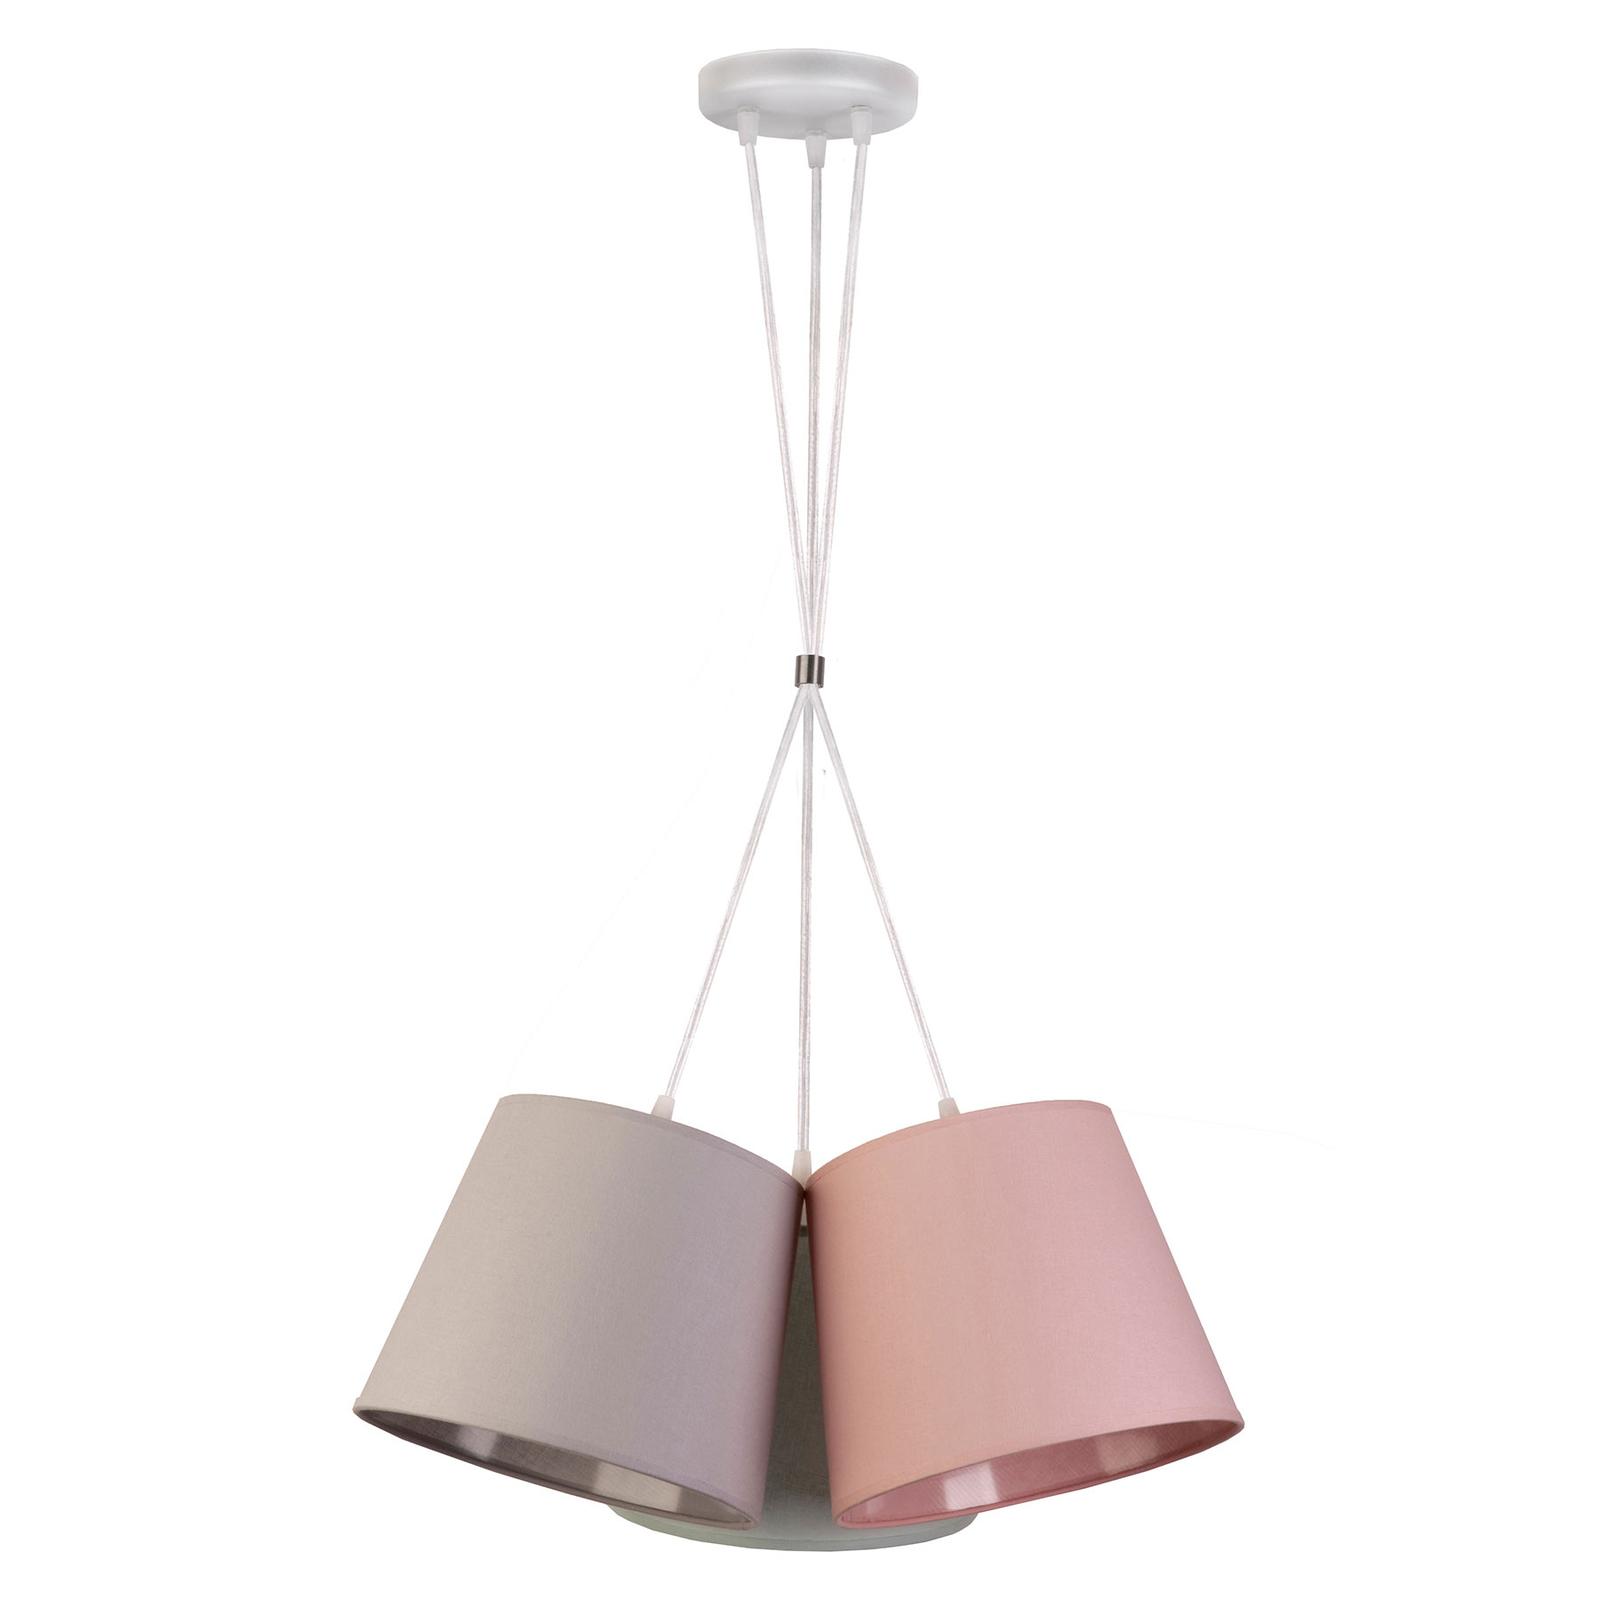 Lampada sospensione Rossa, 3 luci, grigio/rosa